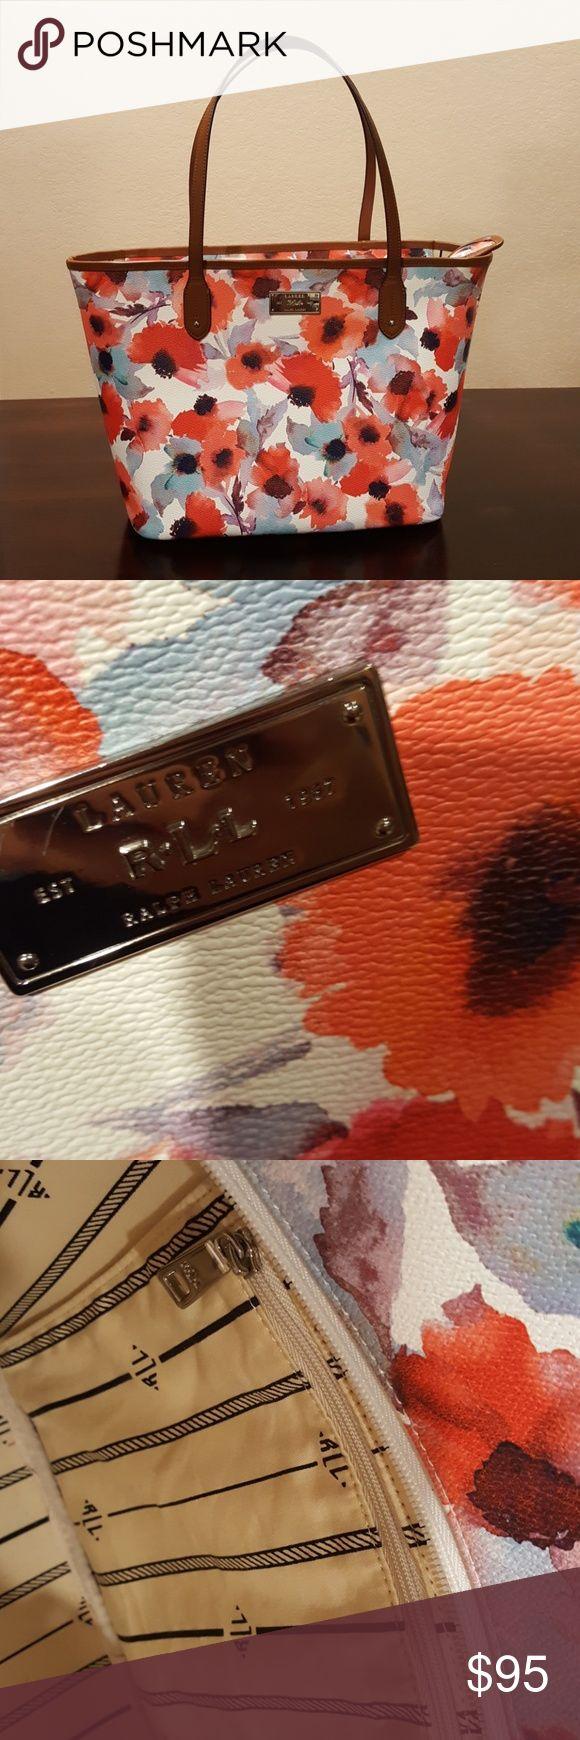 Ralph Lauren tote bag Spring floral Ralph Lauren tote. Perfect for spring and summer! Ralph Lauren Bags Totes